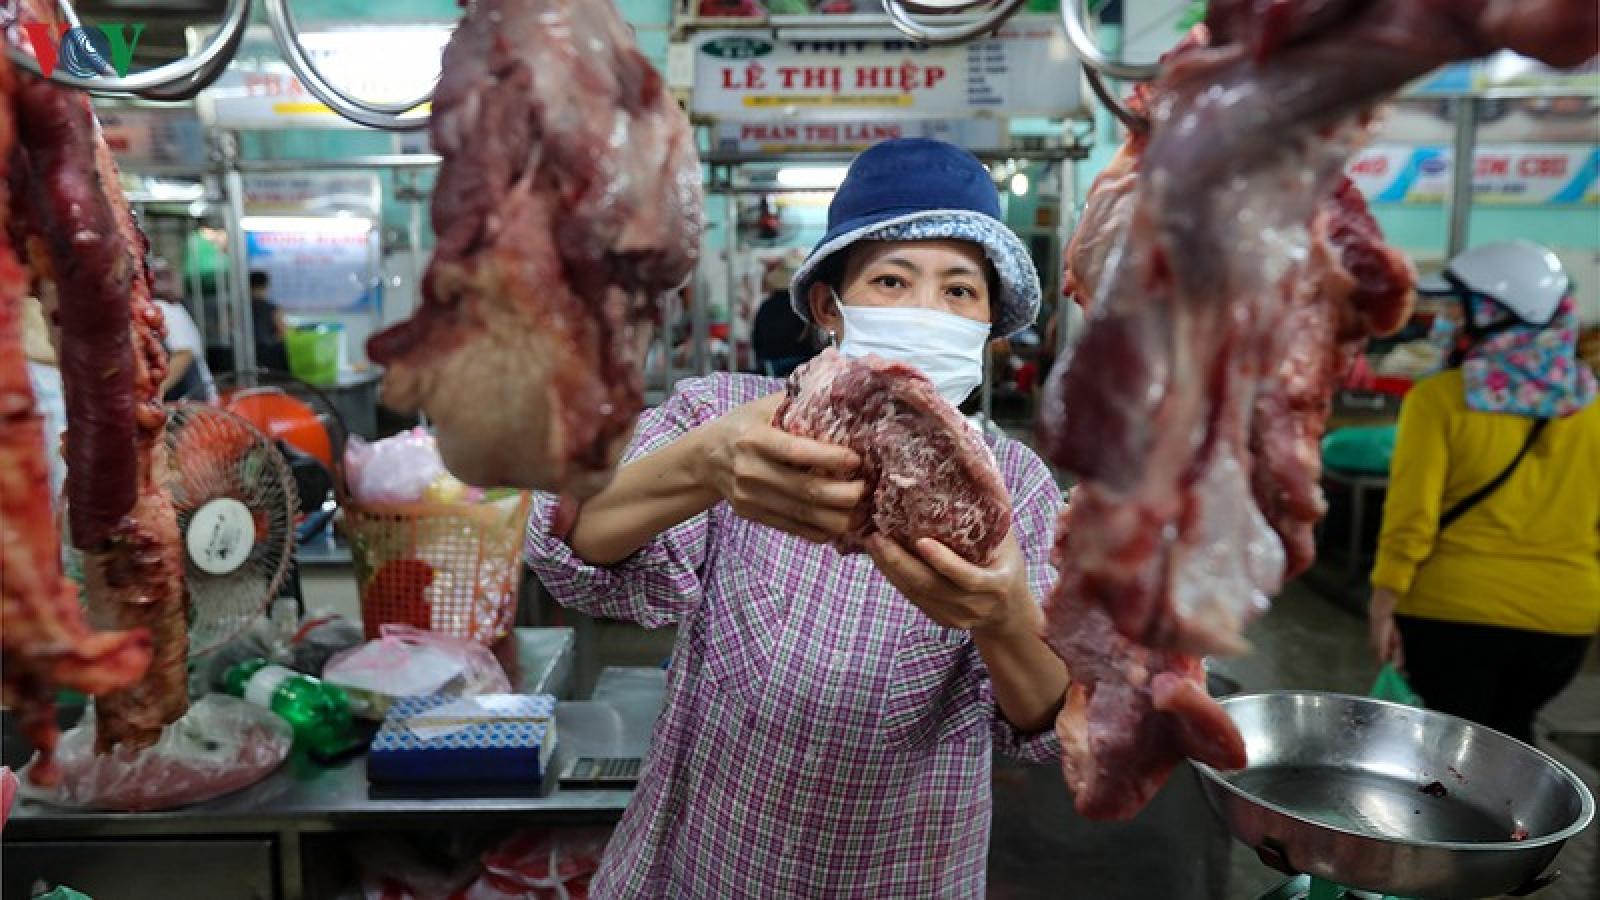 Đà Nẵng: Không có hiện tượng găm hàng chờ tăng giá